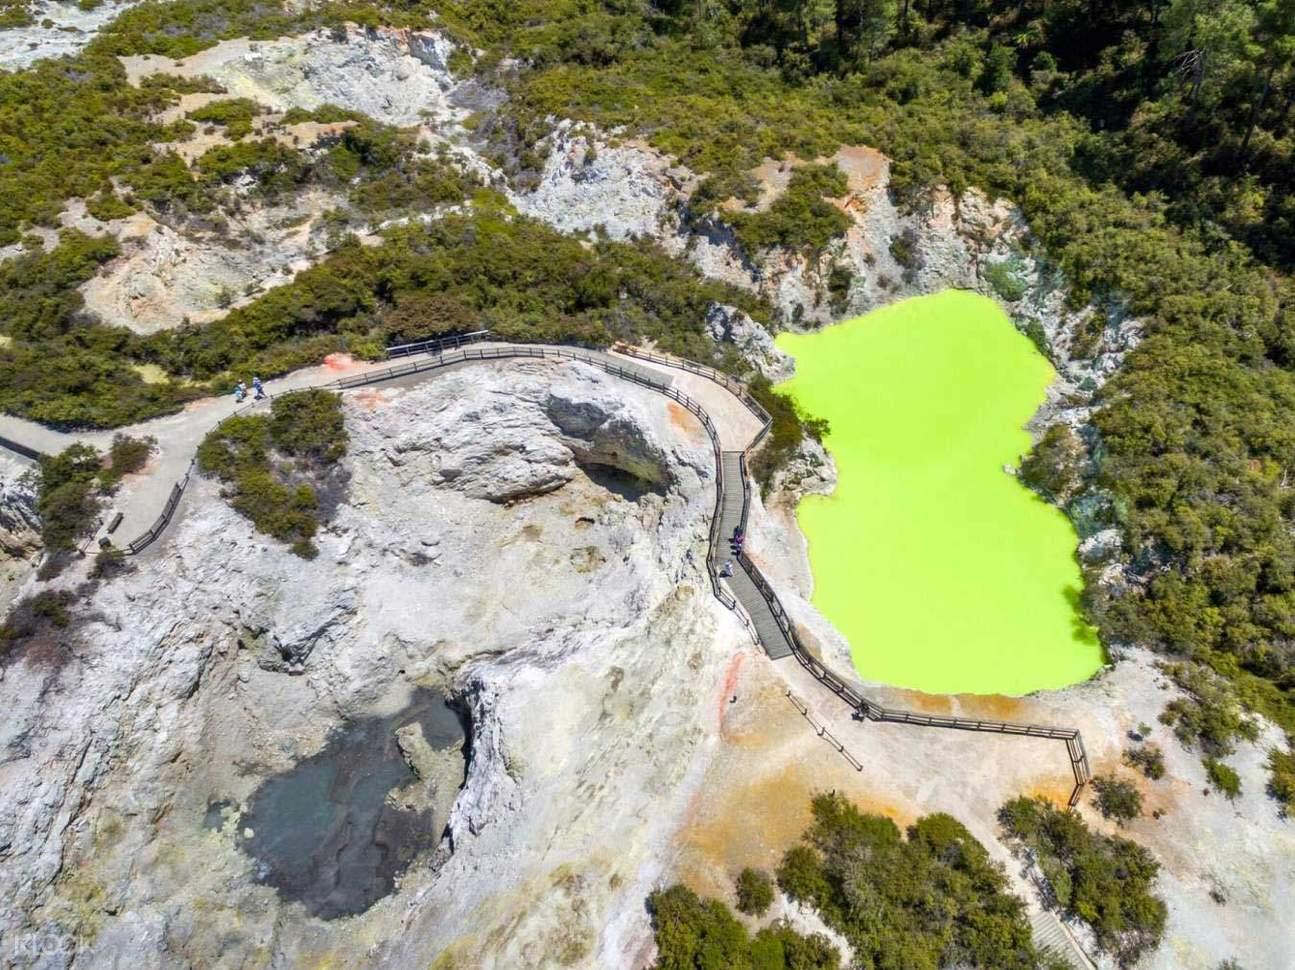 懷奧塔普地熱世界的鳥瞰圖